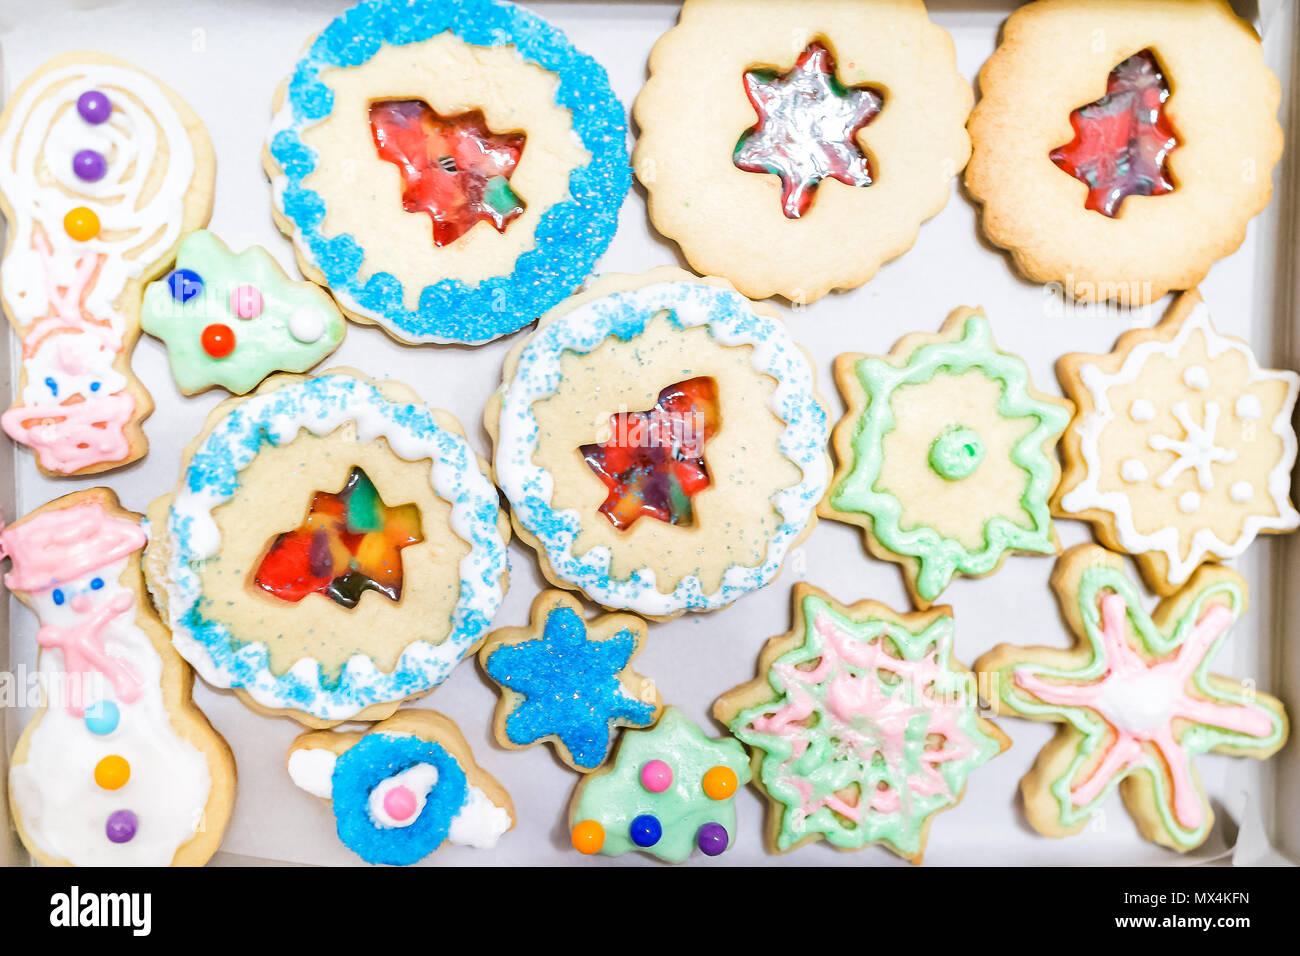 Boîte de papier du bac rempli de cadeaux beaucoup de givrage décoré avec des bonbons colorés sucre émaillés bleu artificiel de vacances de Noël fait maison de boulangerie sprinkles cooki Banque D'Images